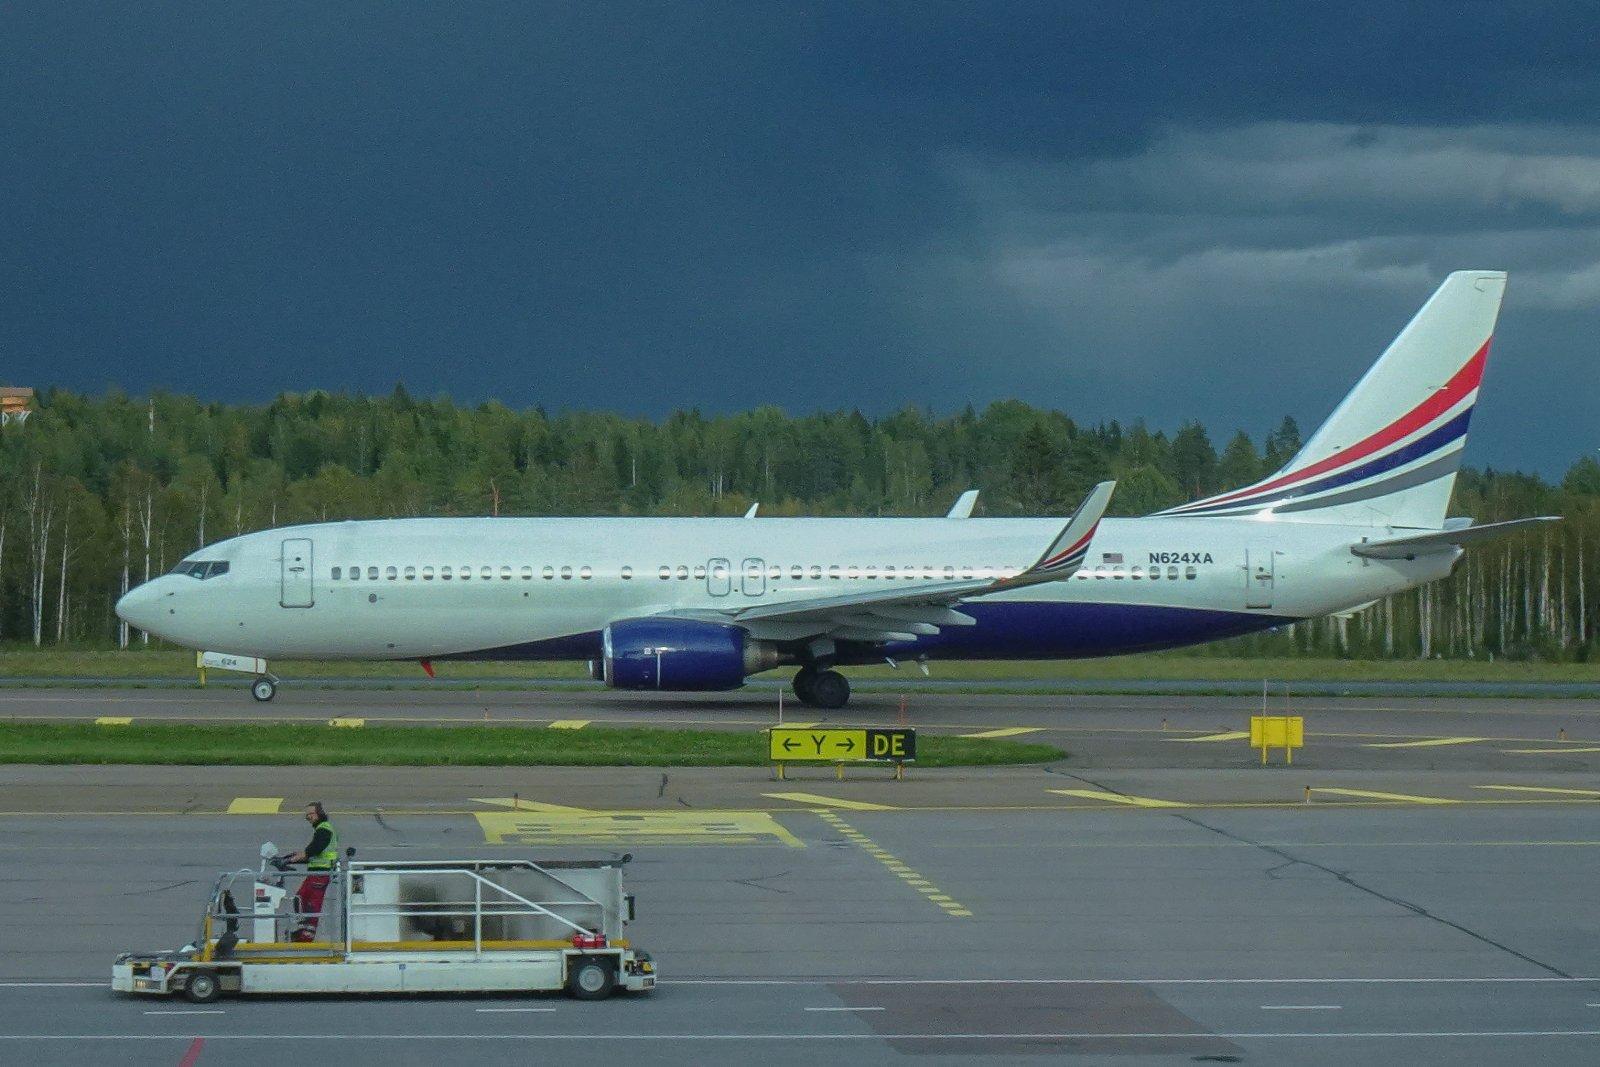 N624XA. Terminaalista kuvattu omaa lentoa odotellessa.